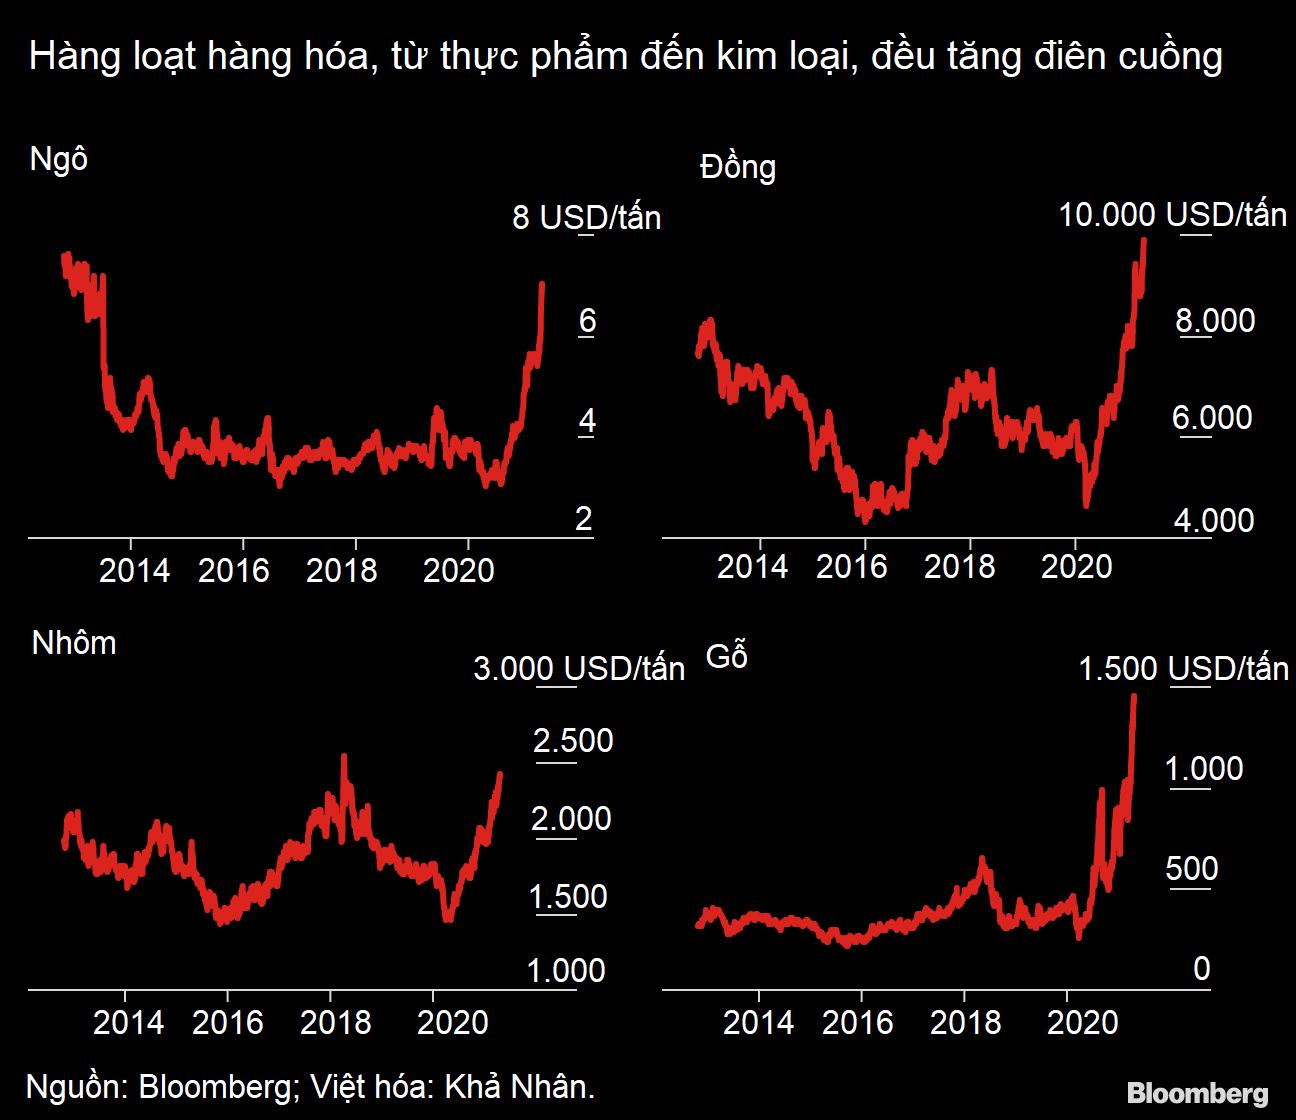 Thị trường hàng hóa trong cơn tăng điên cuồng, chưa biết khi nào chấm dứt - Ảnh 1.